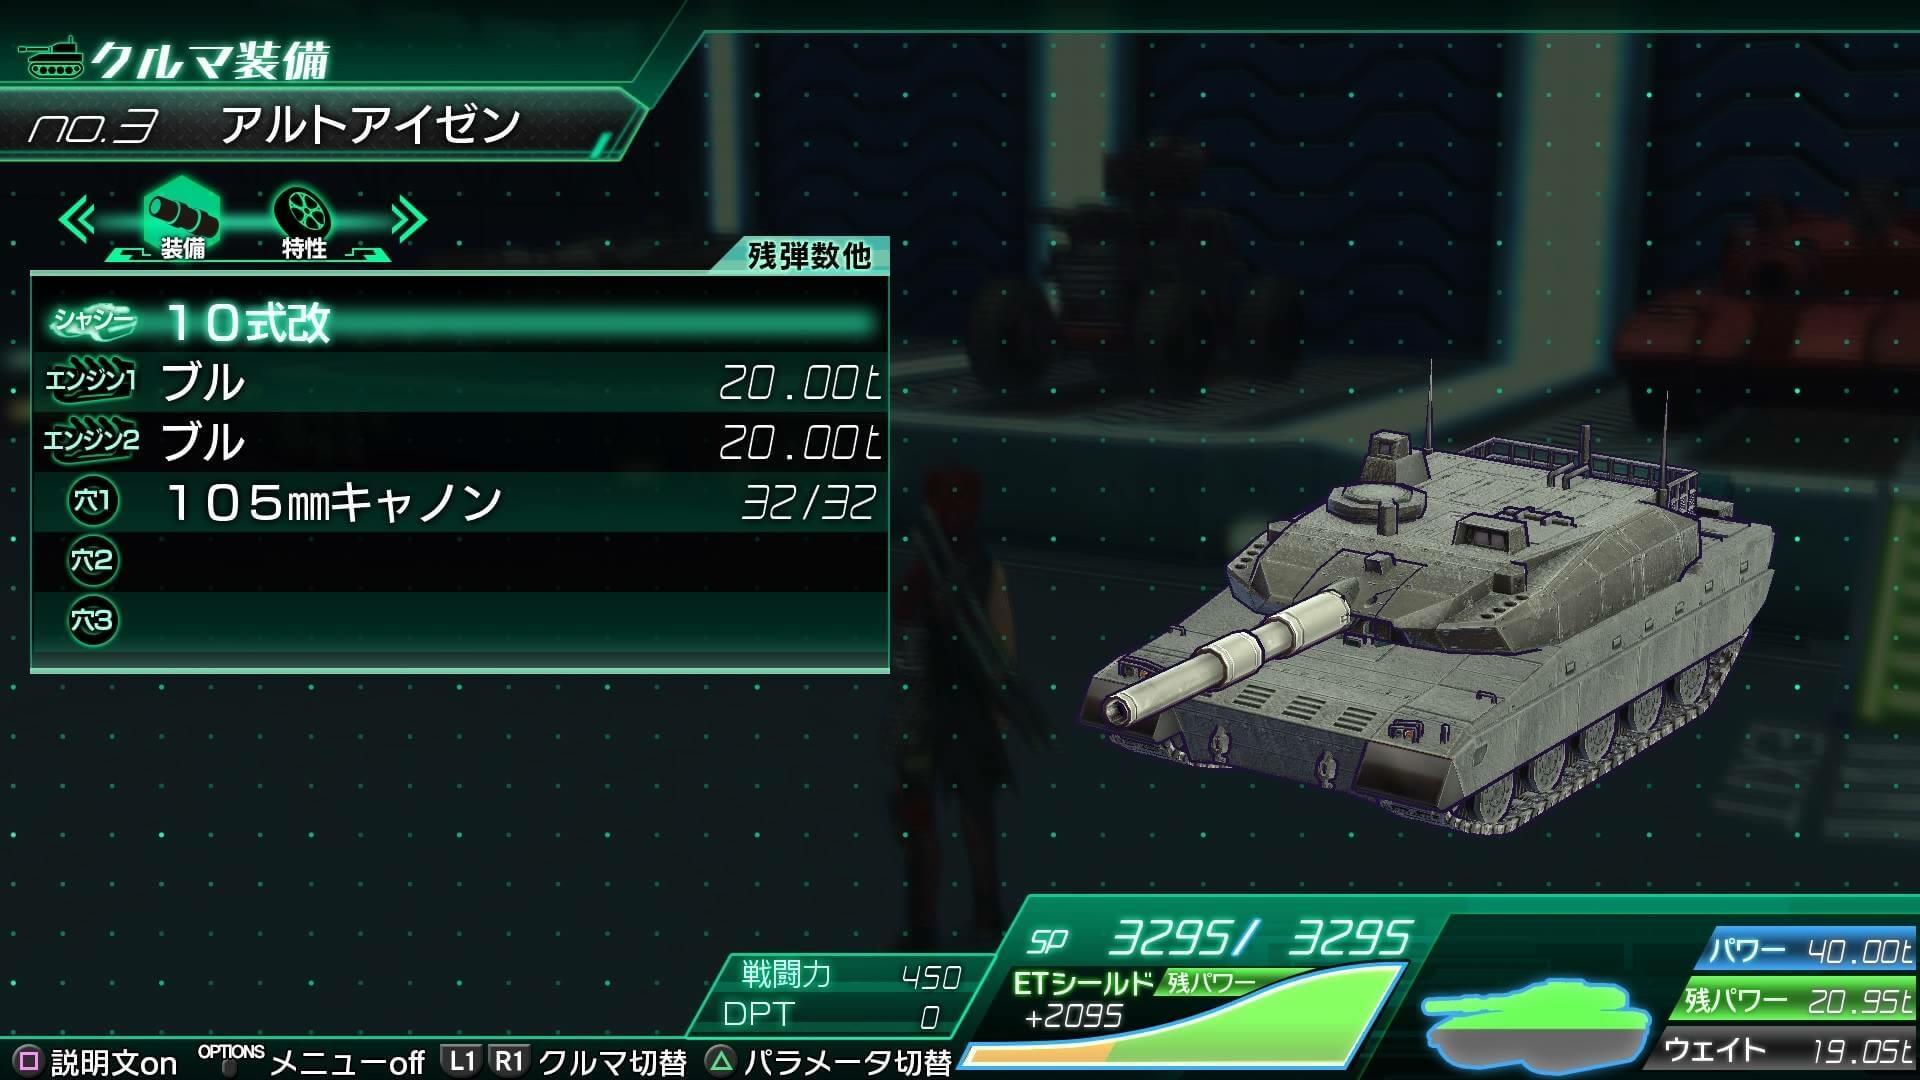 3つ目の戦車はダブルエンジンなので、ストーリー前半では非常に頼りになります。